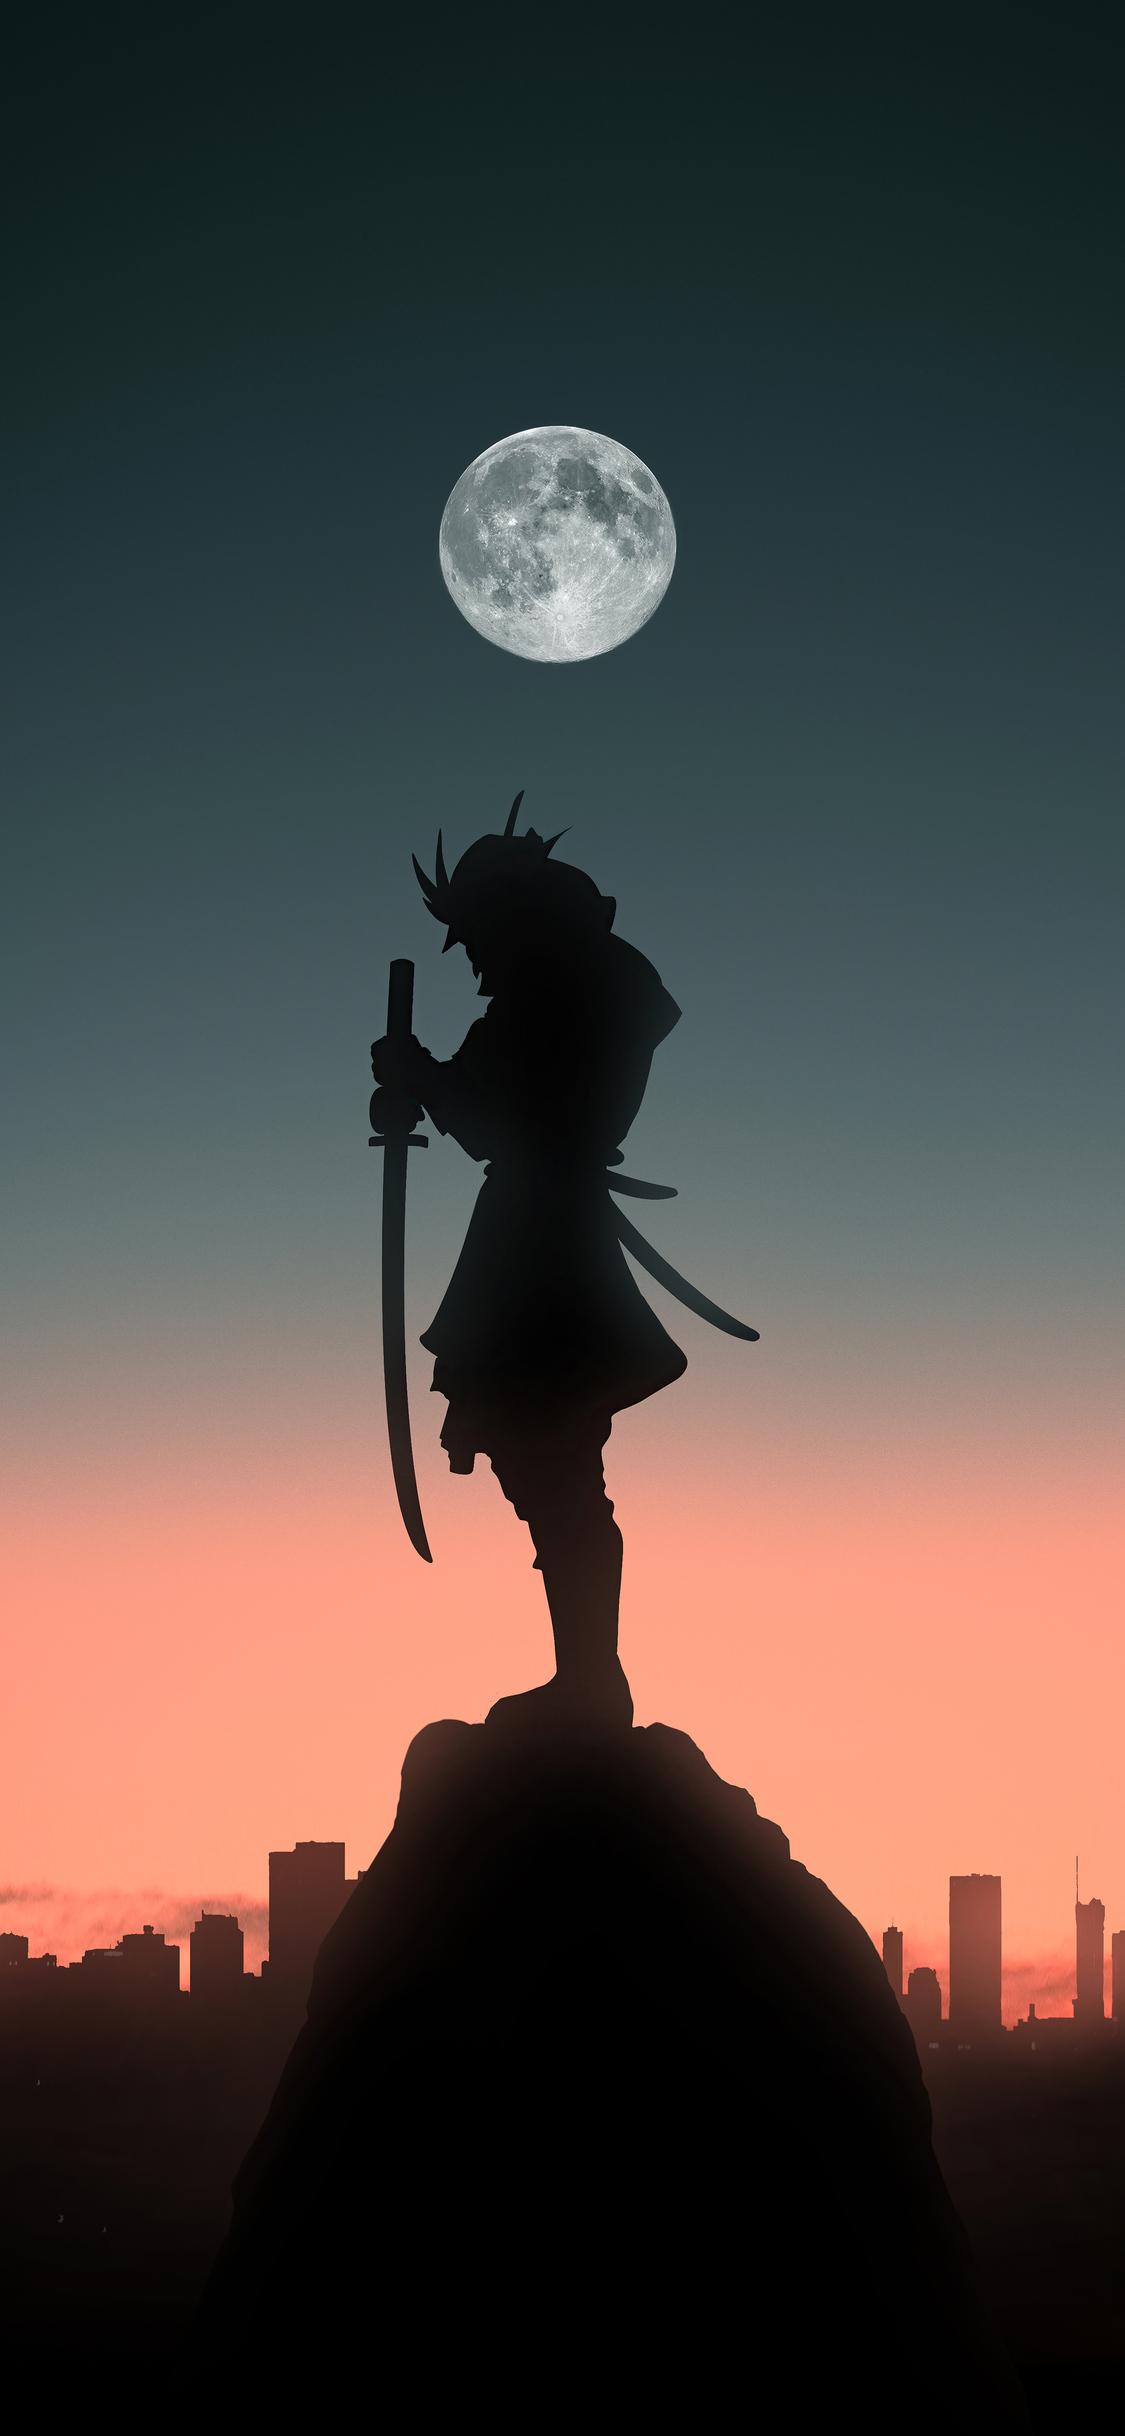 samurai-ninja-with-sword-4k-9g.jpg